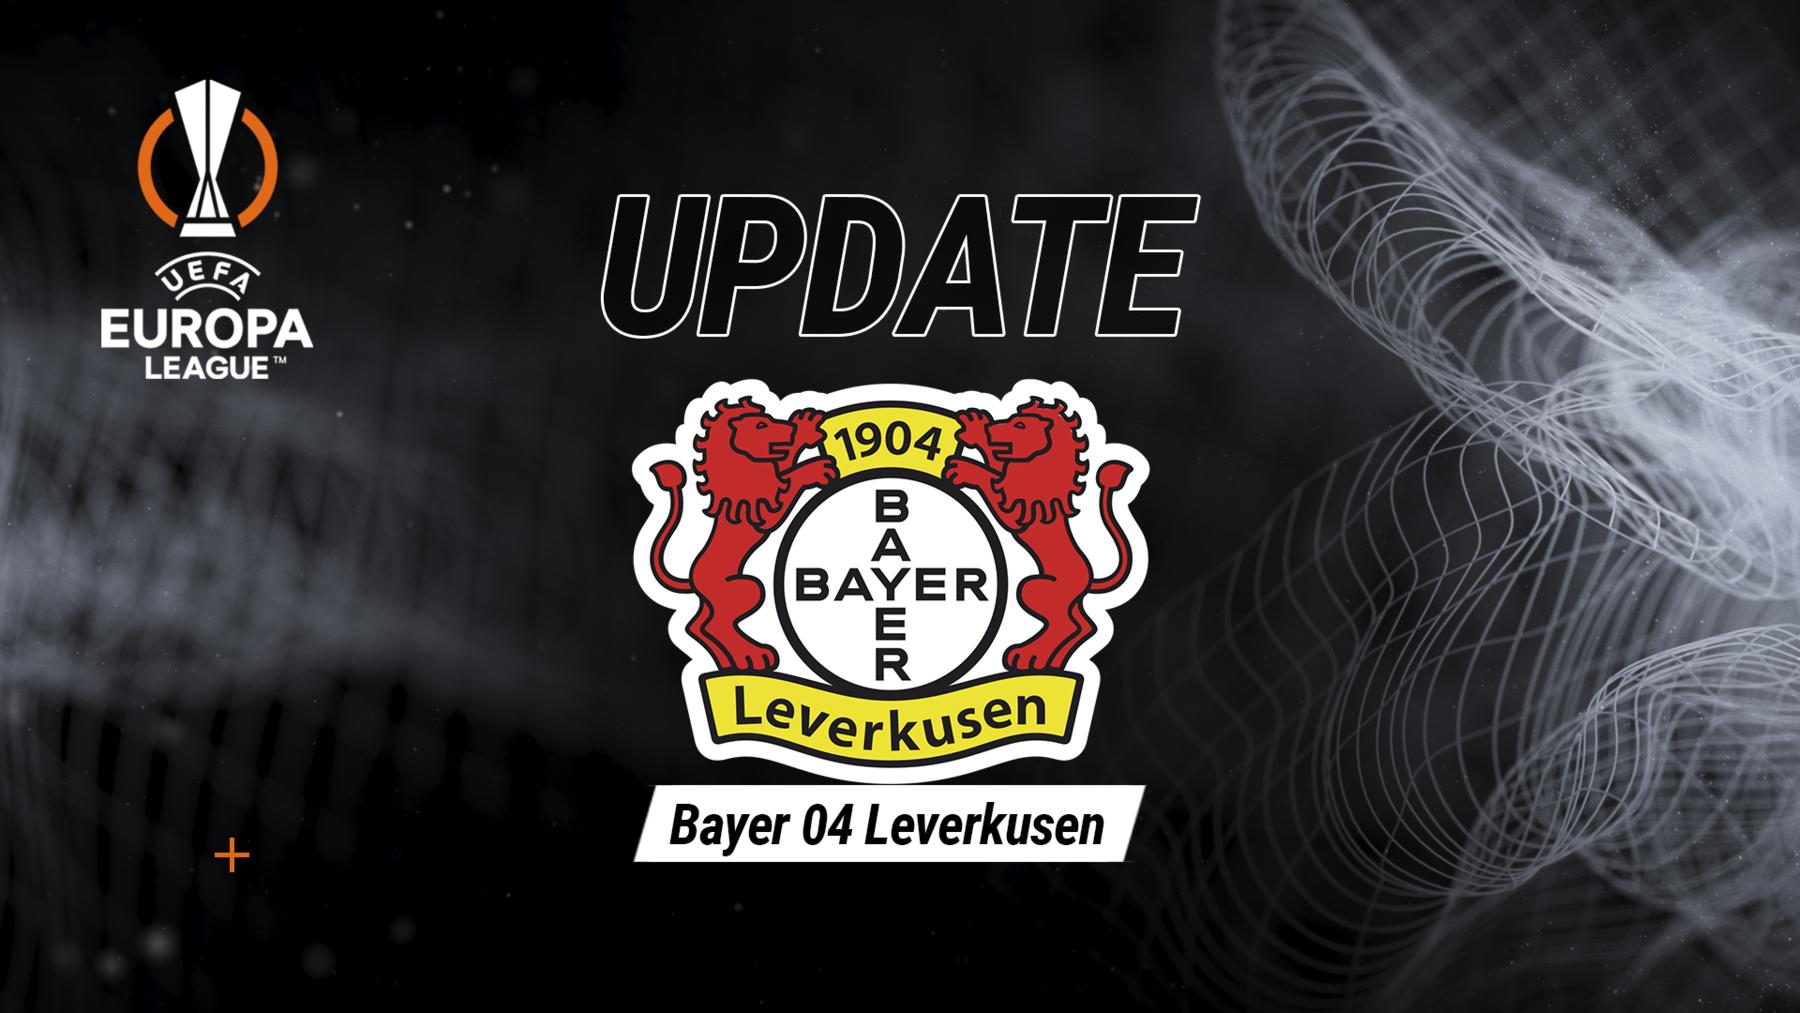 Update Bayer Leverkusen